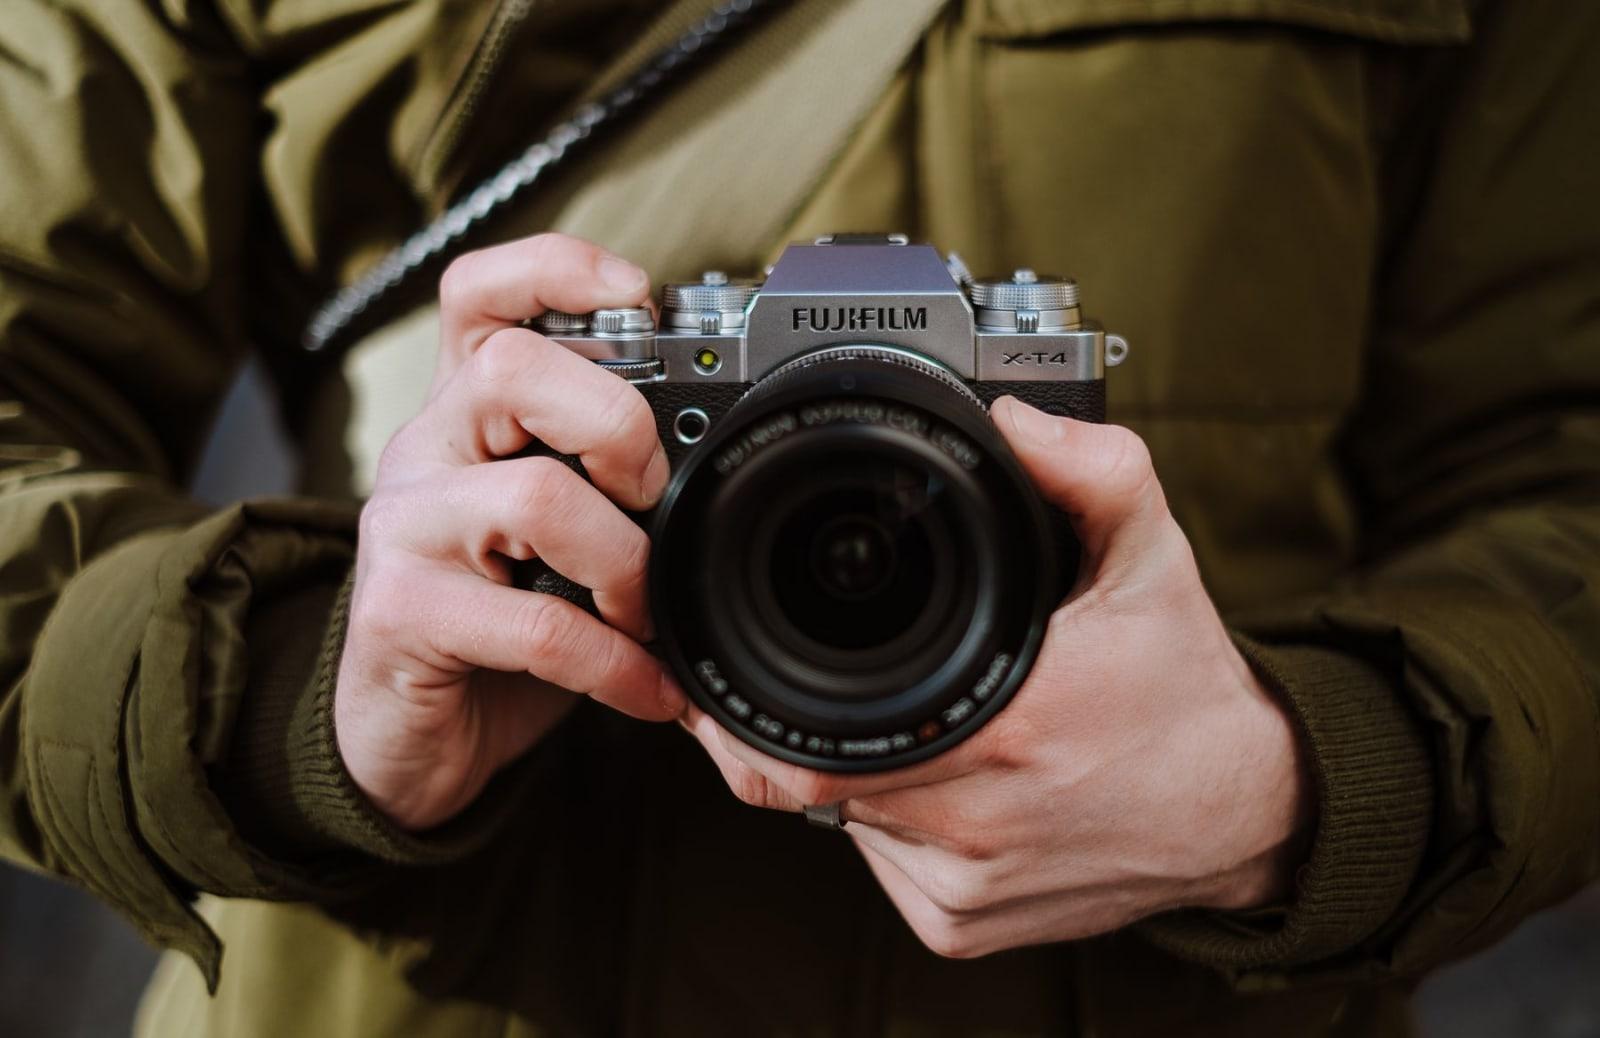 Fujfilm X-T4 APS-C mirrorless camera